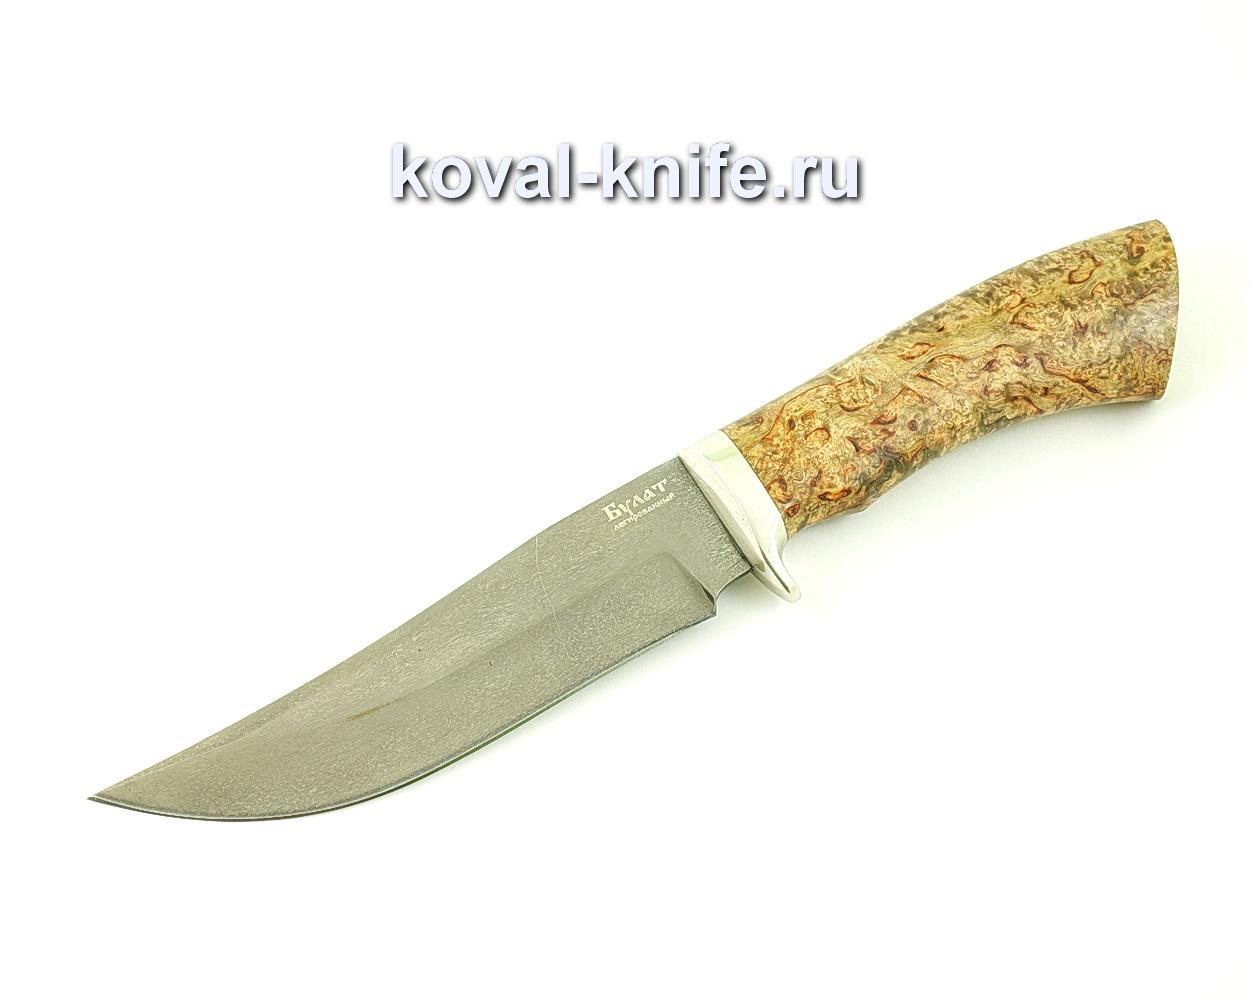 Нож из булатной стали Клыч (Легированный булат, рукоять стабилизированная карельская береза, литье мельхиор)